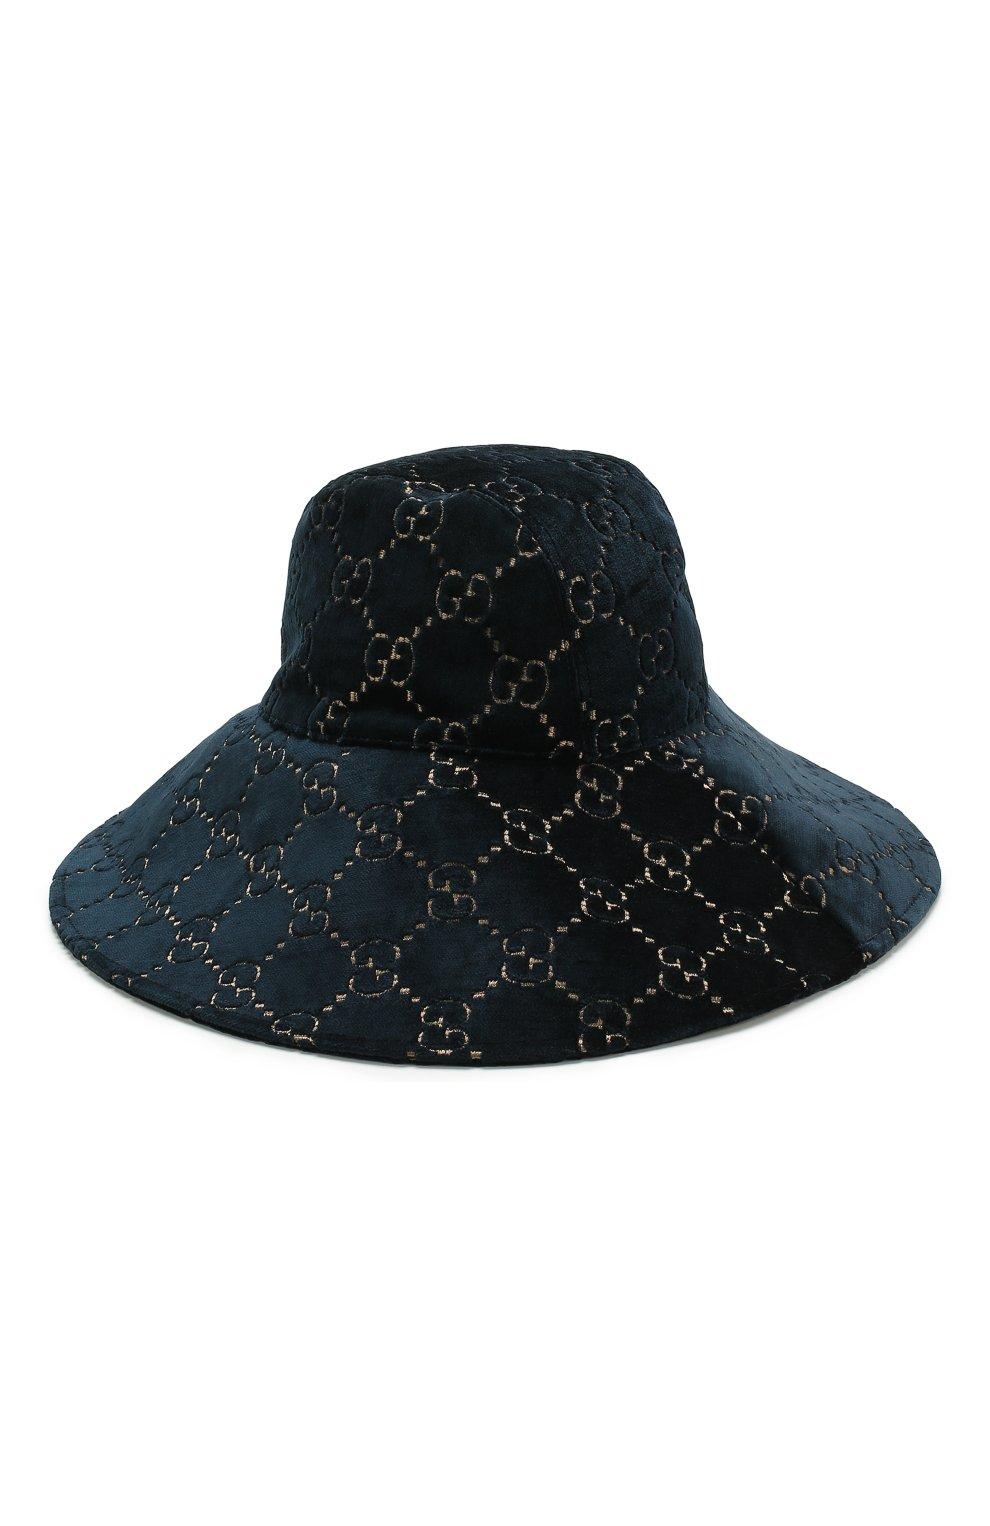 Вельветовая шляпа GG Gucci темно-синего цвета   Фото №2